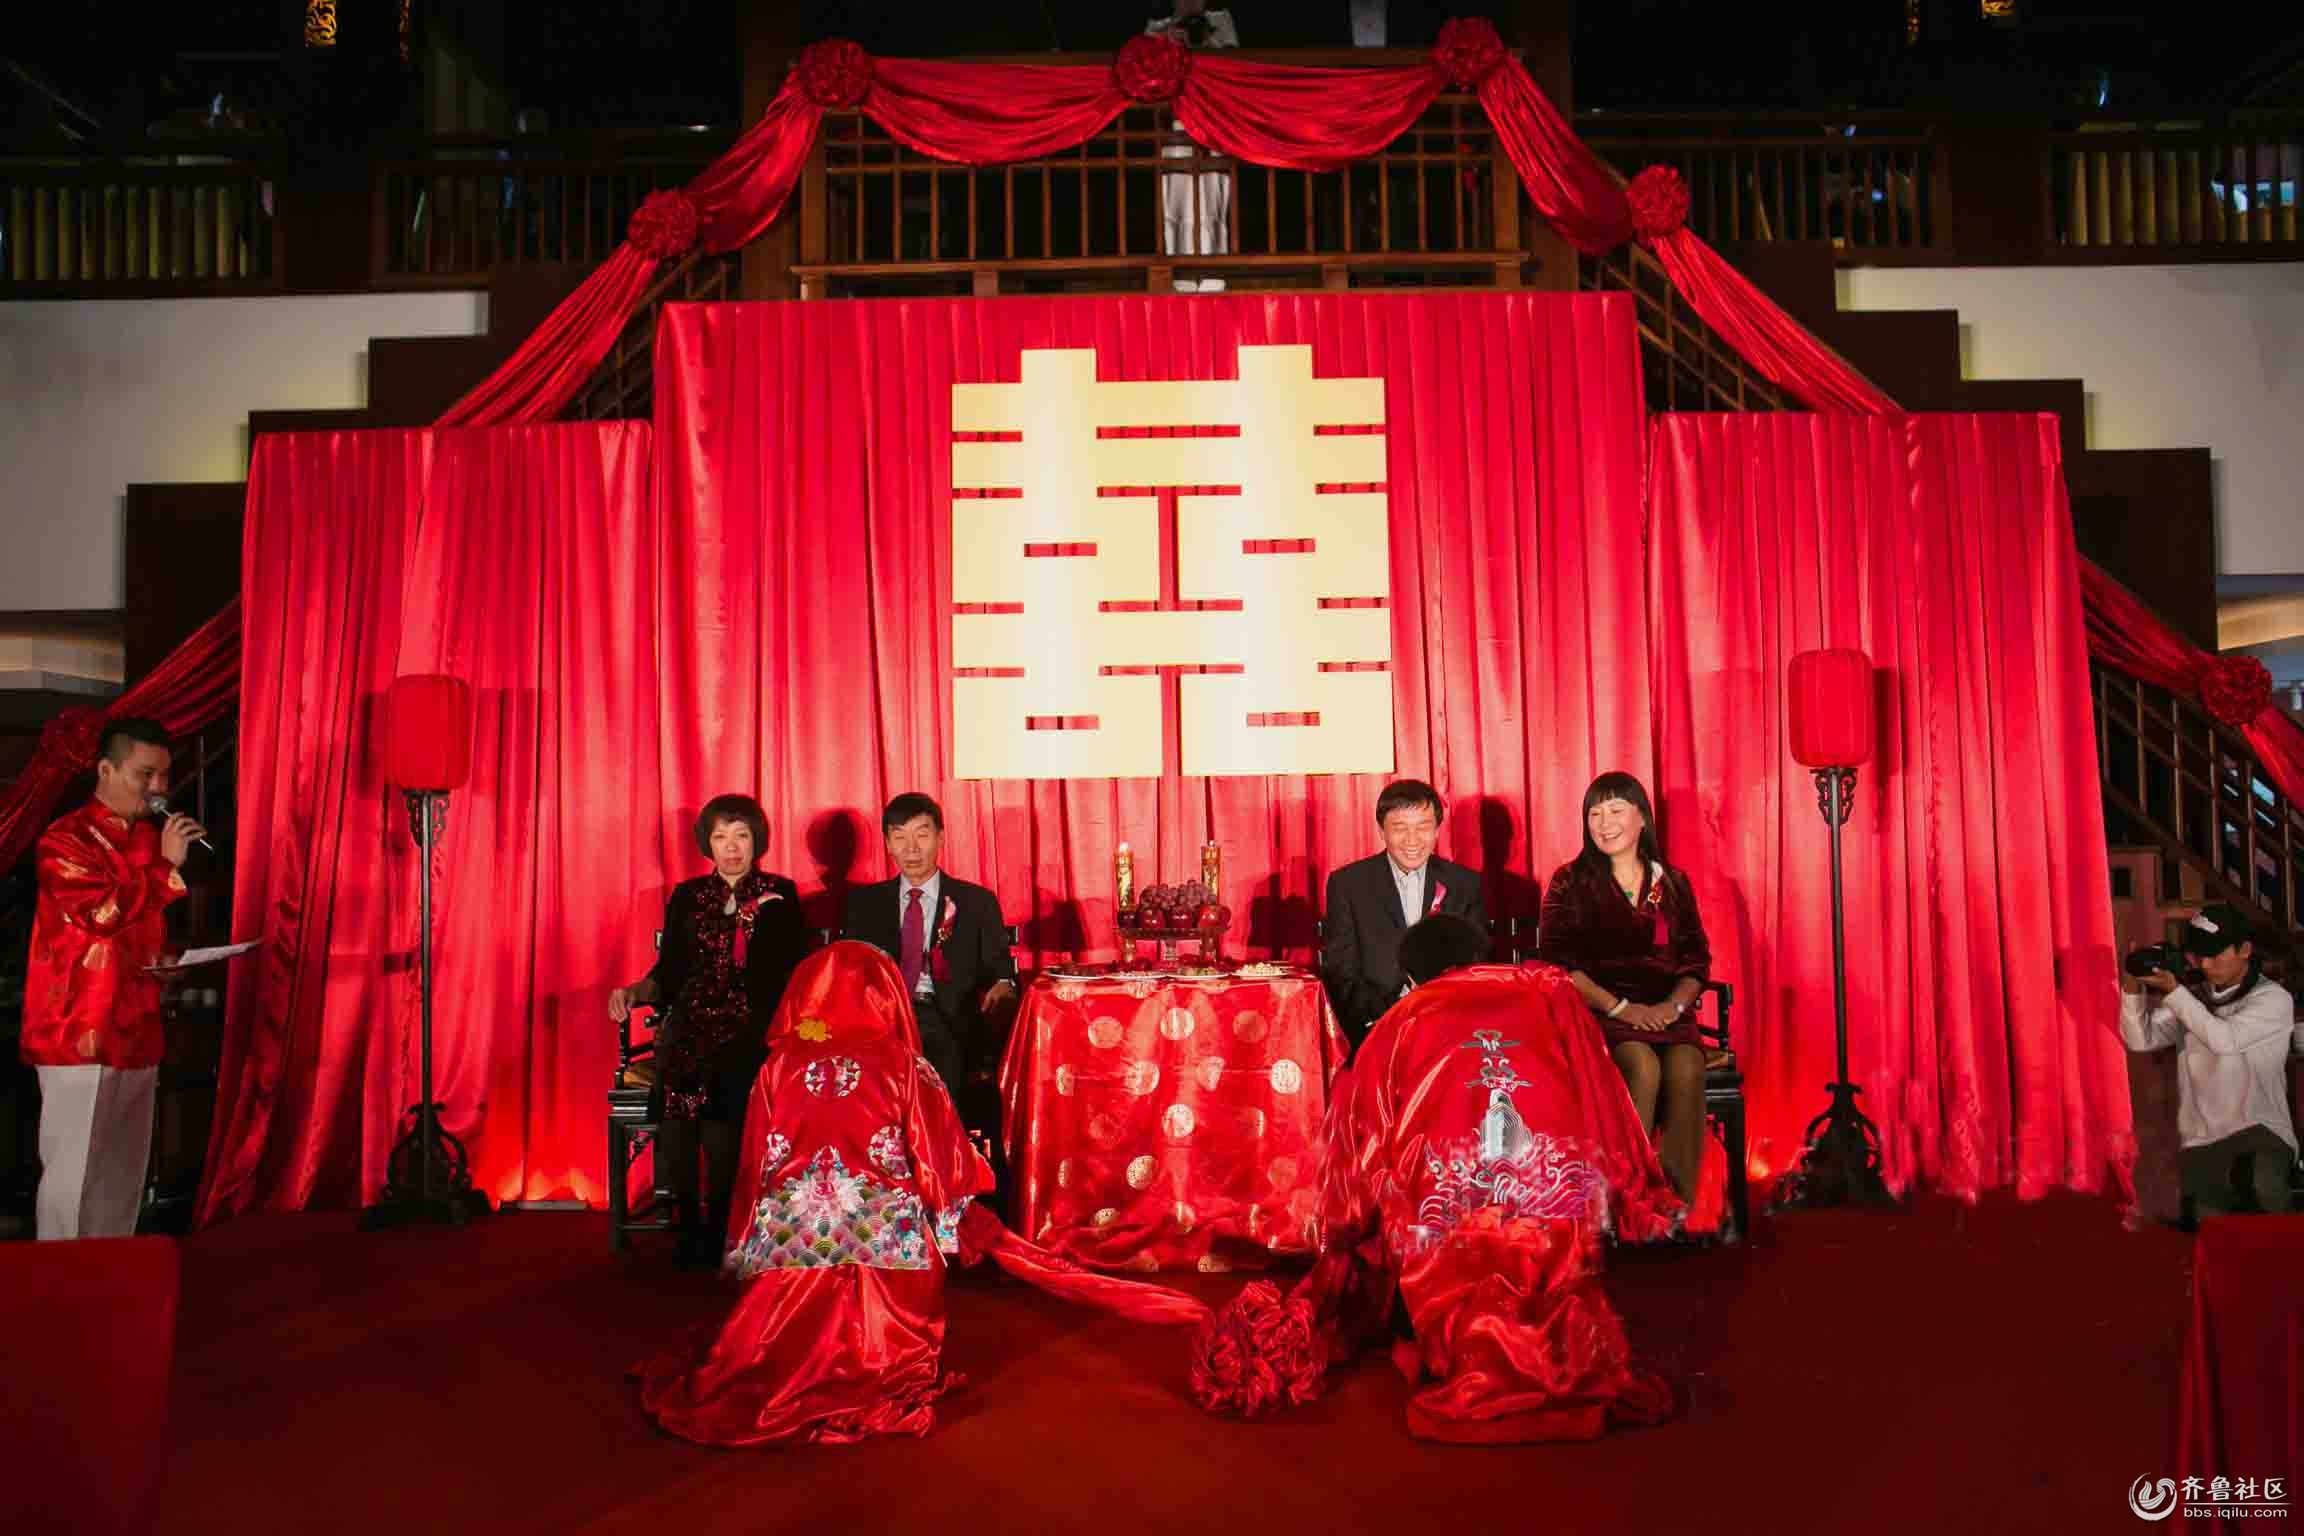 锦喜堂创意婚礼--西式够创意,中式更加专业